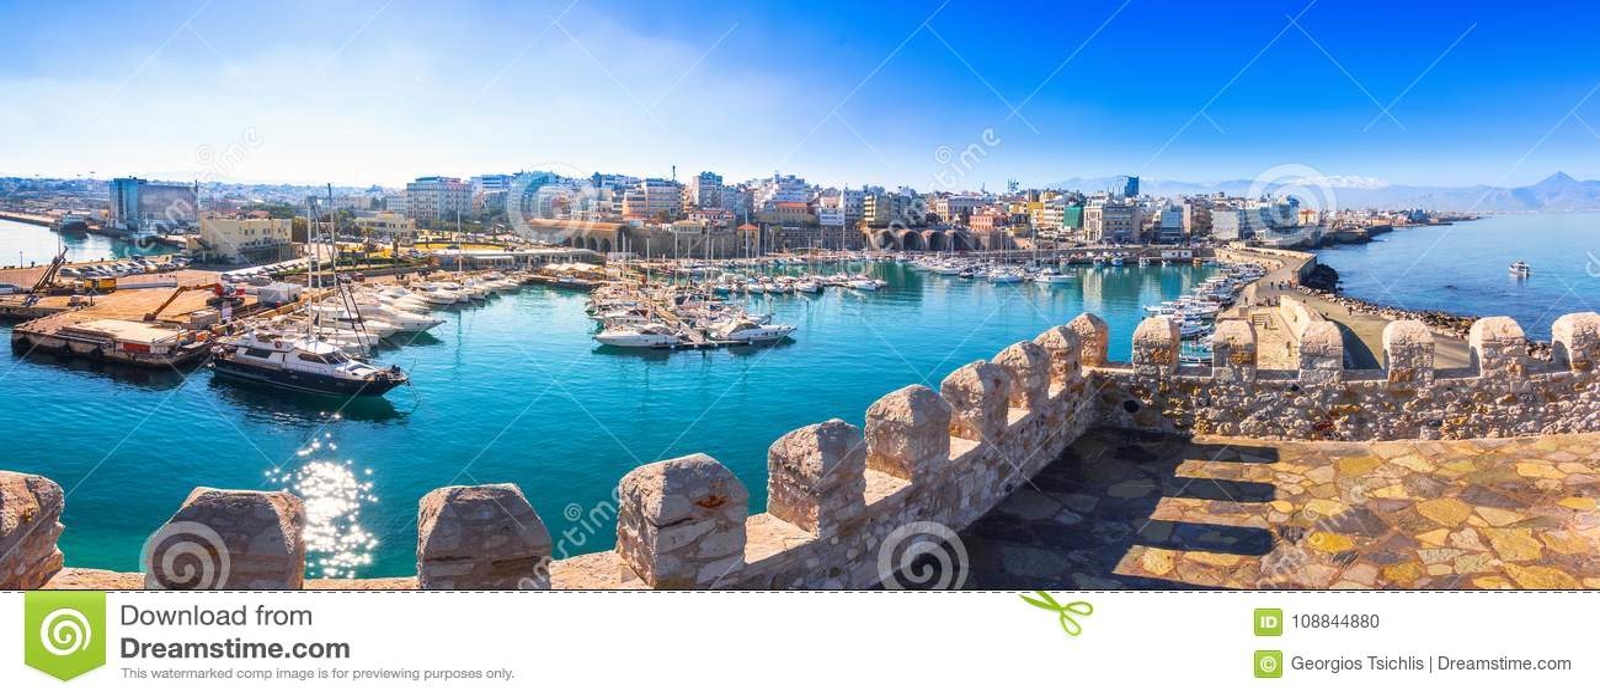 Vista del puerto de Heraklion del fuerte veneciano viejo Koule, Creta, Grecia